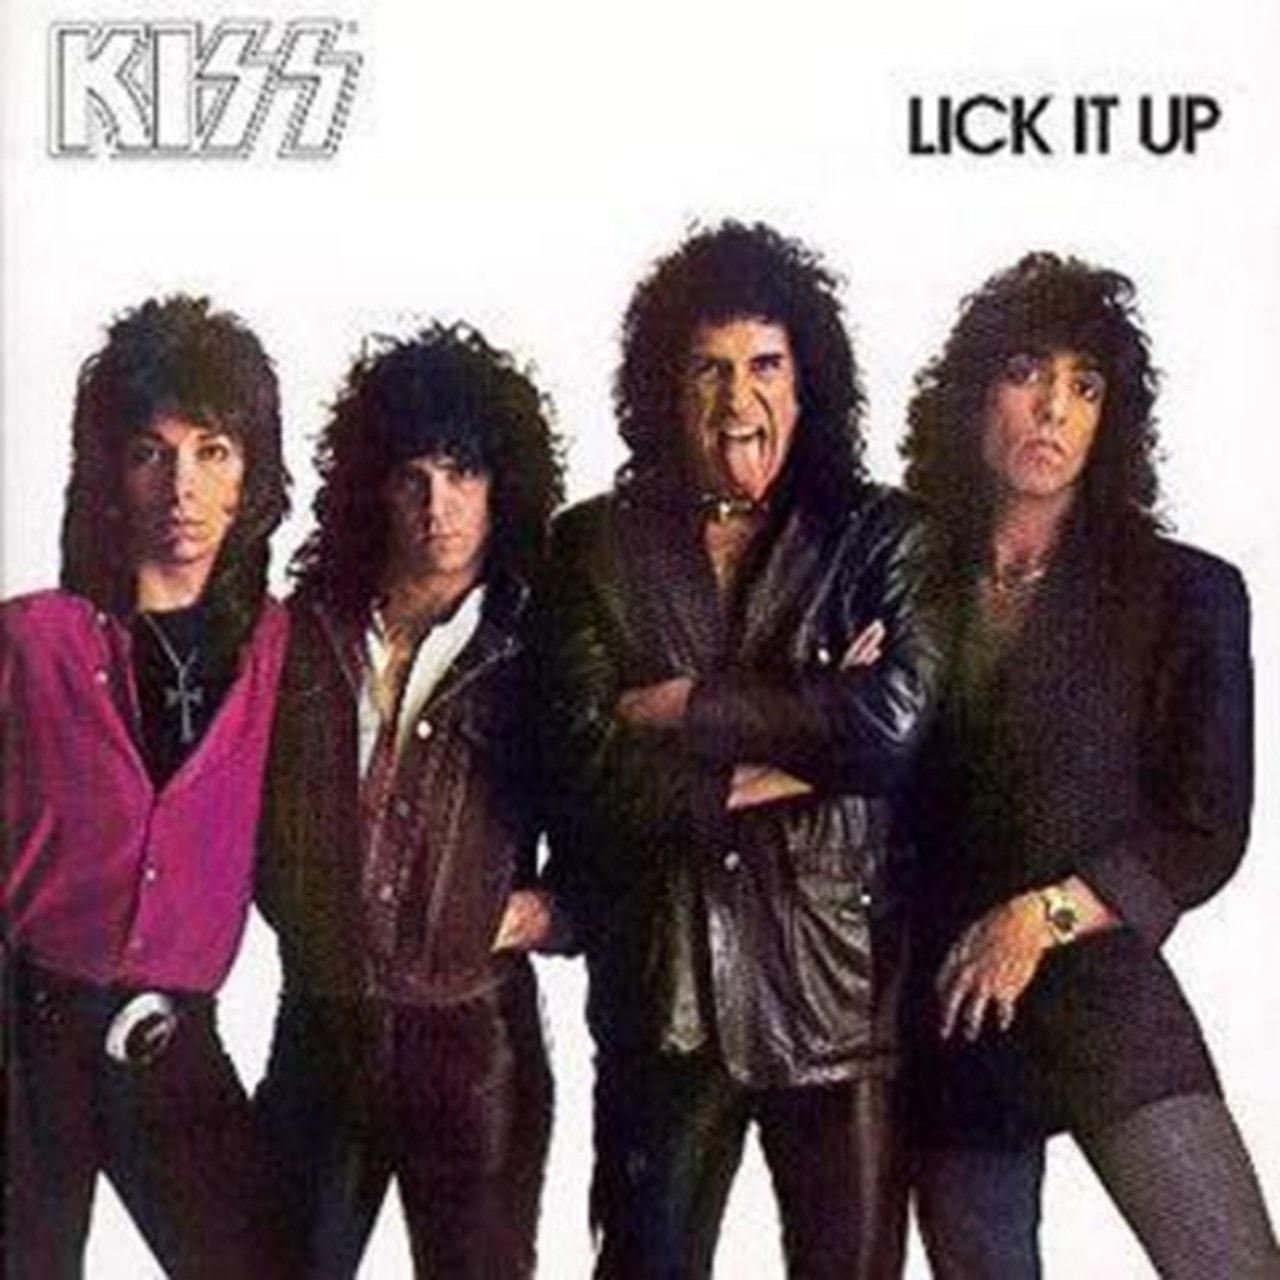 Lick It Up - 1